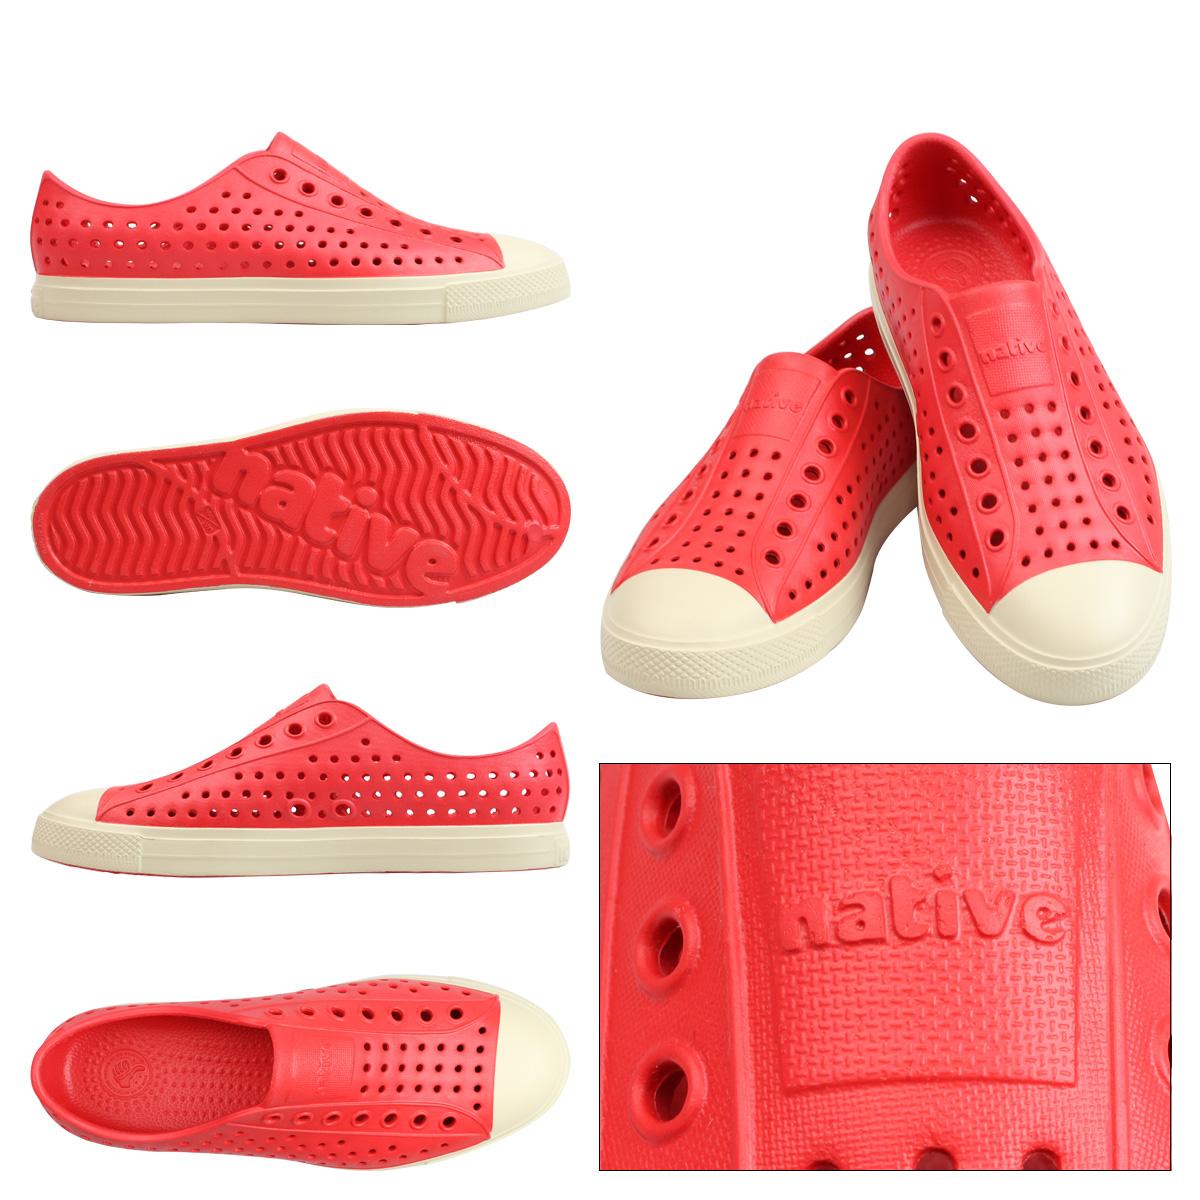 本機本機傑弗遜涼鞋鞋傑弗遜 EVA 材料男性女性